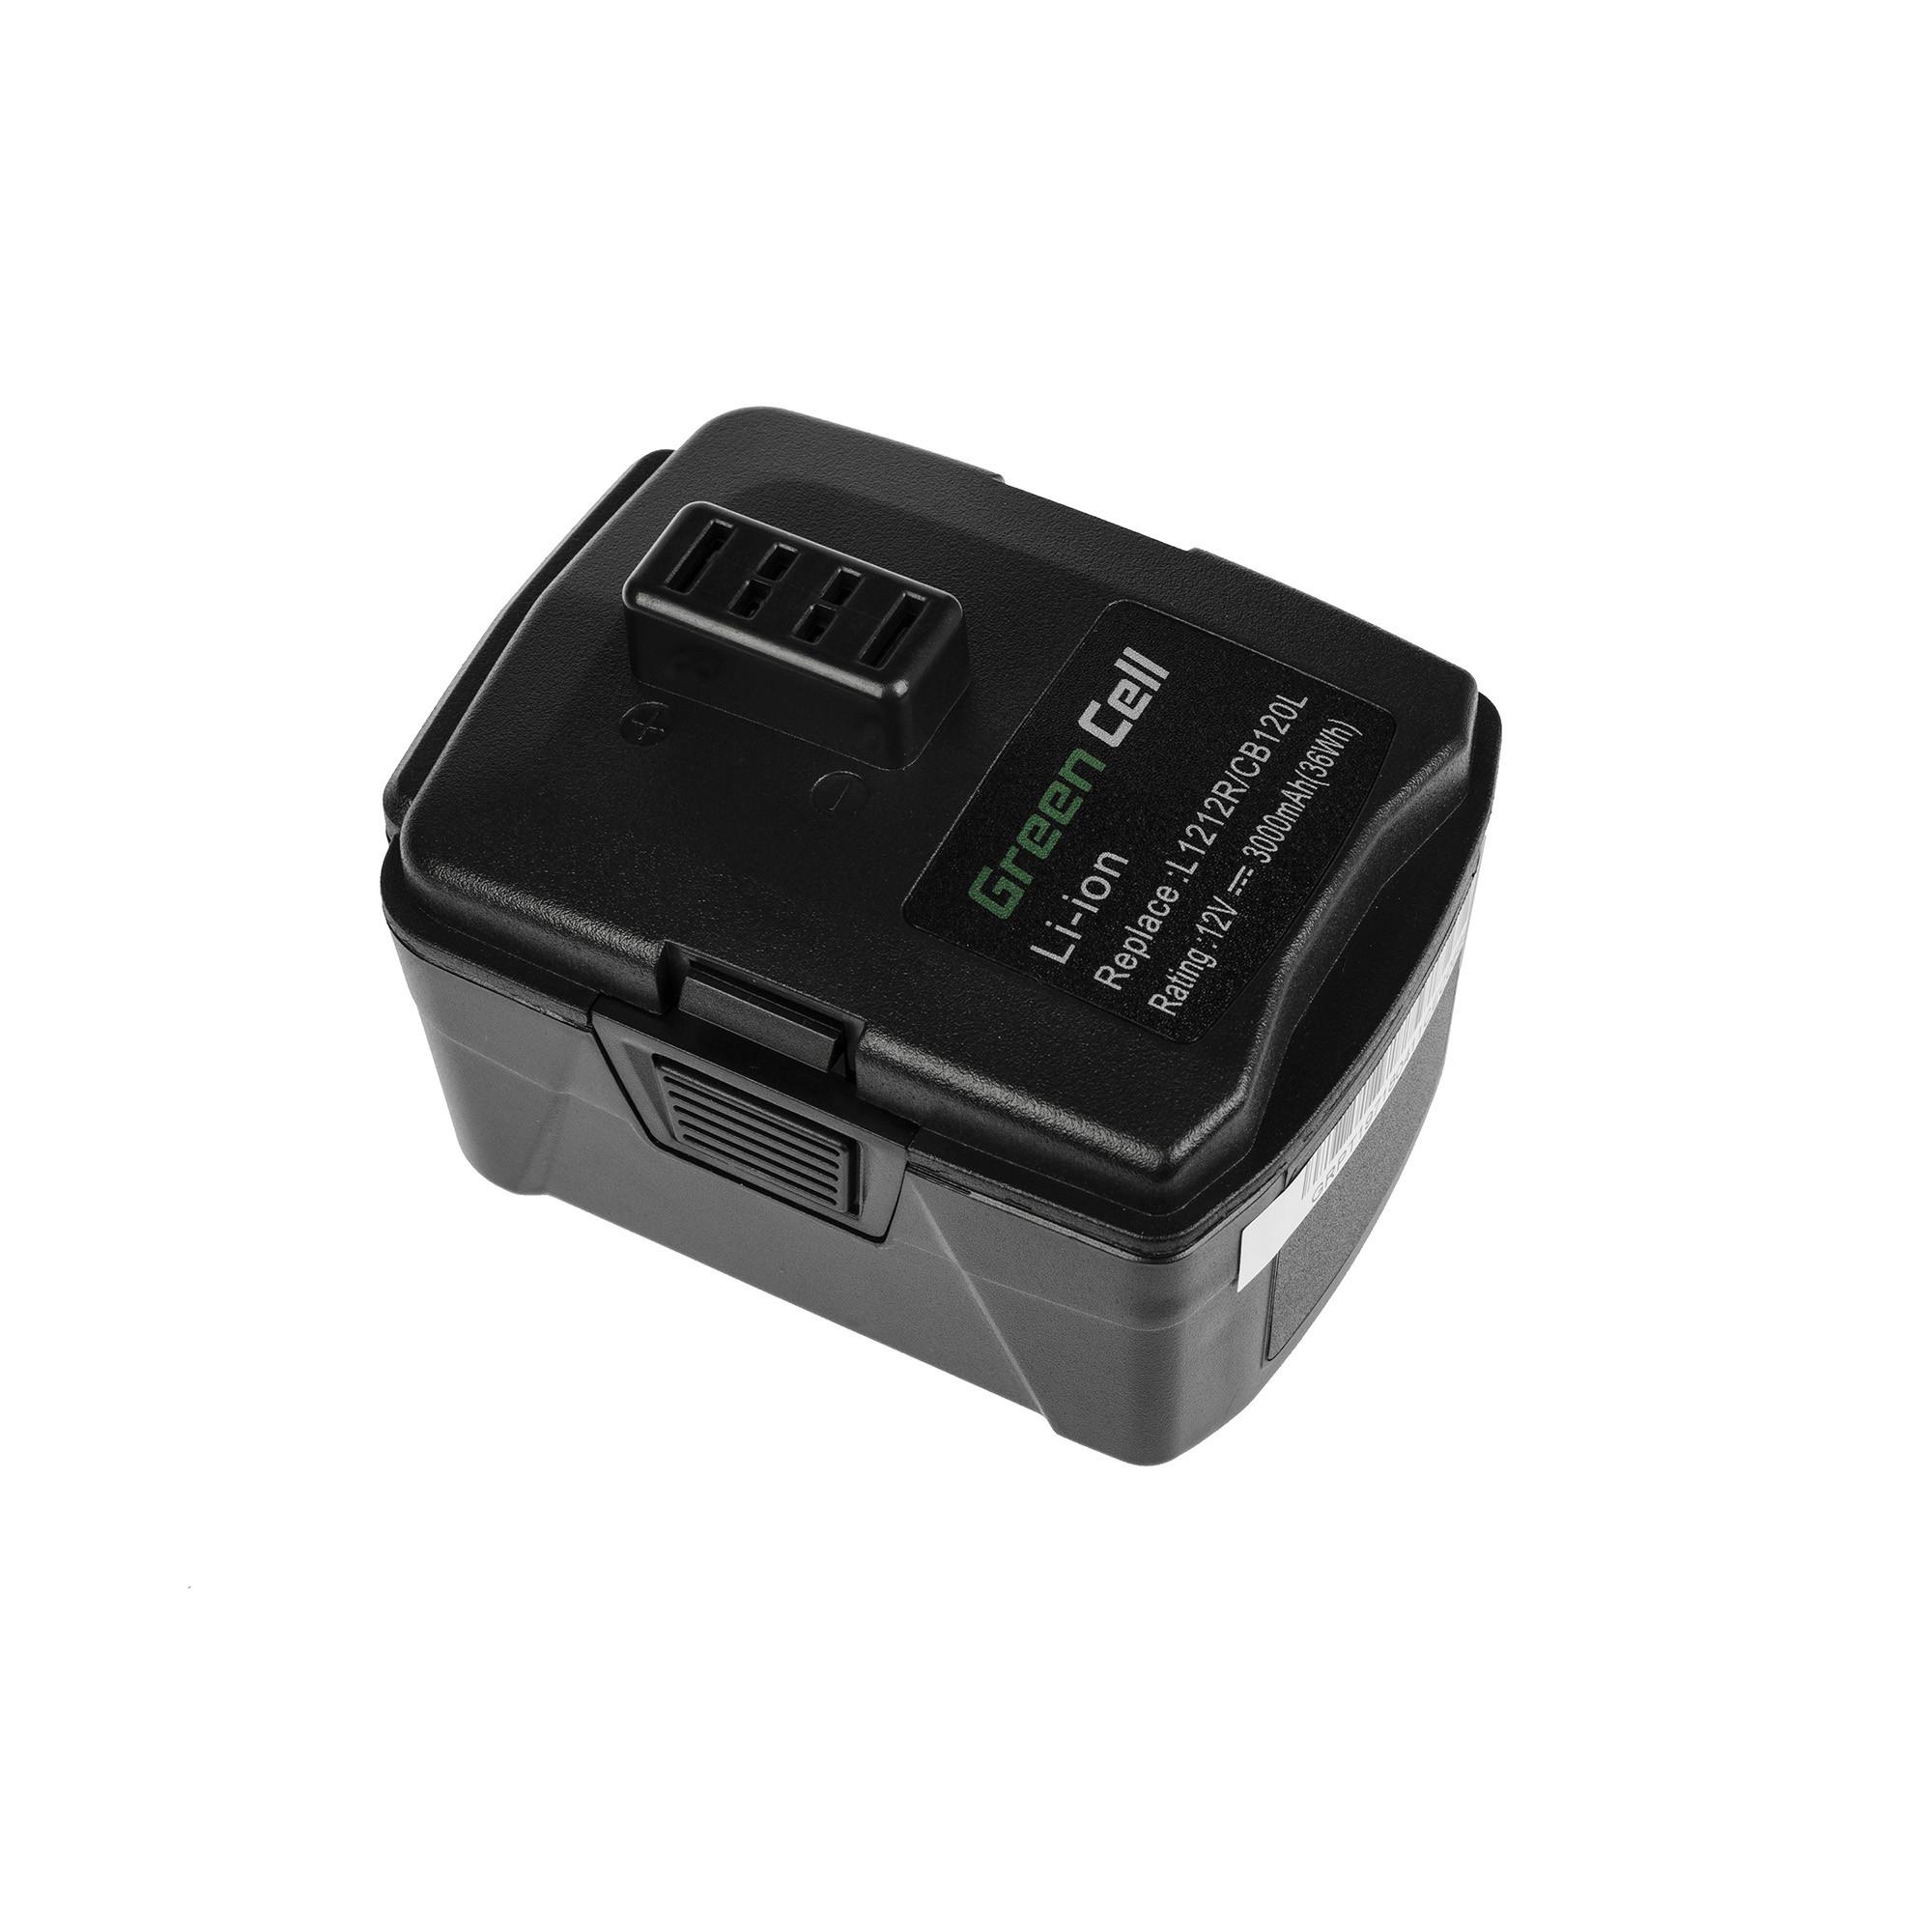 Baterie Green Cell Baterie Ryobi BID1201 CD100 CR1201 HJP001 HJP002 HJP003 HJP004 CB120L BPL-1220 12V 3000mAh Li-ion - neoriginální